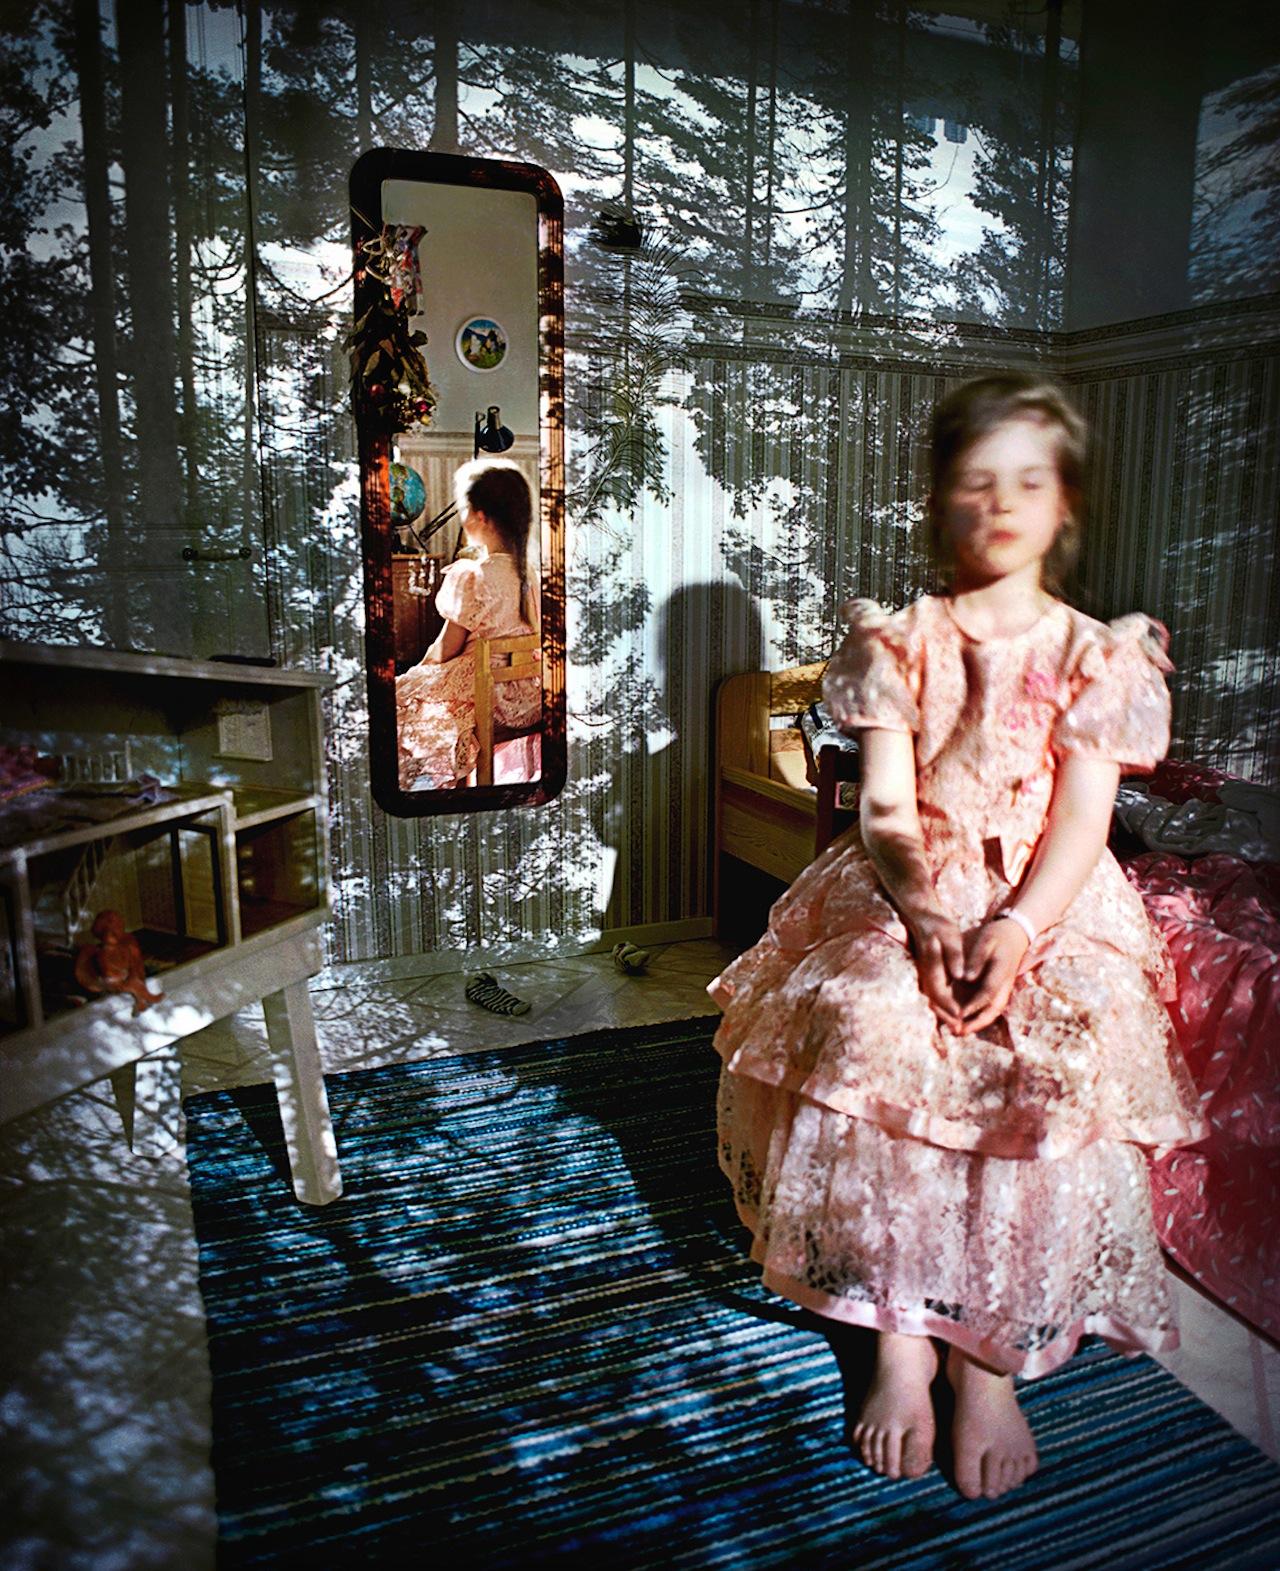 Camera obscura / Paula, Oulu, Finland, 1996